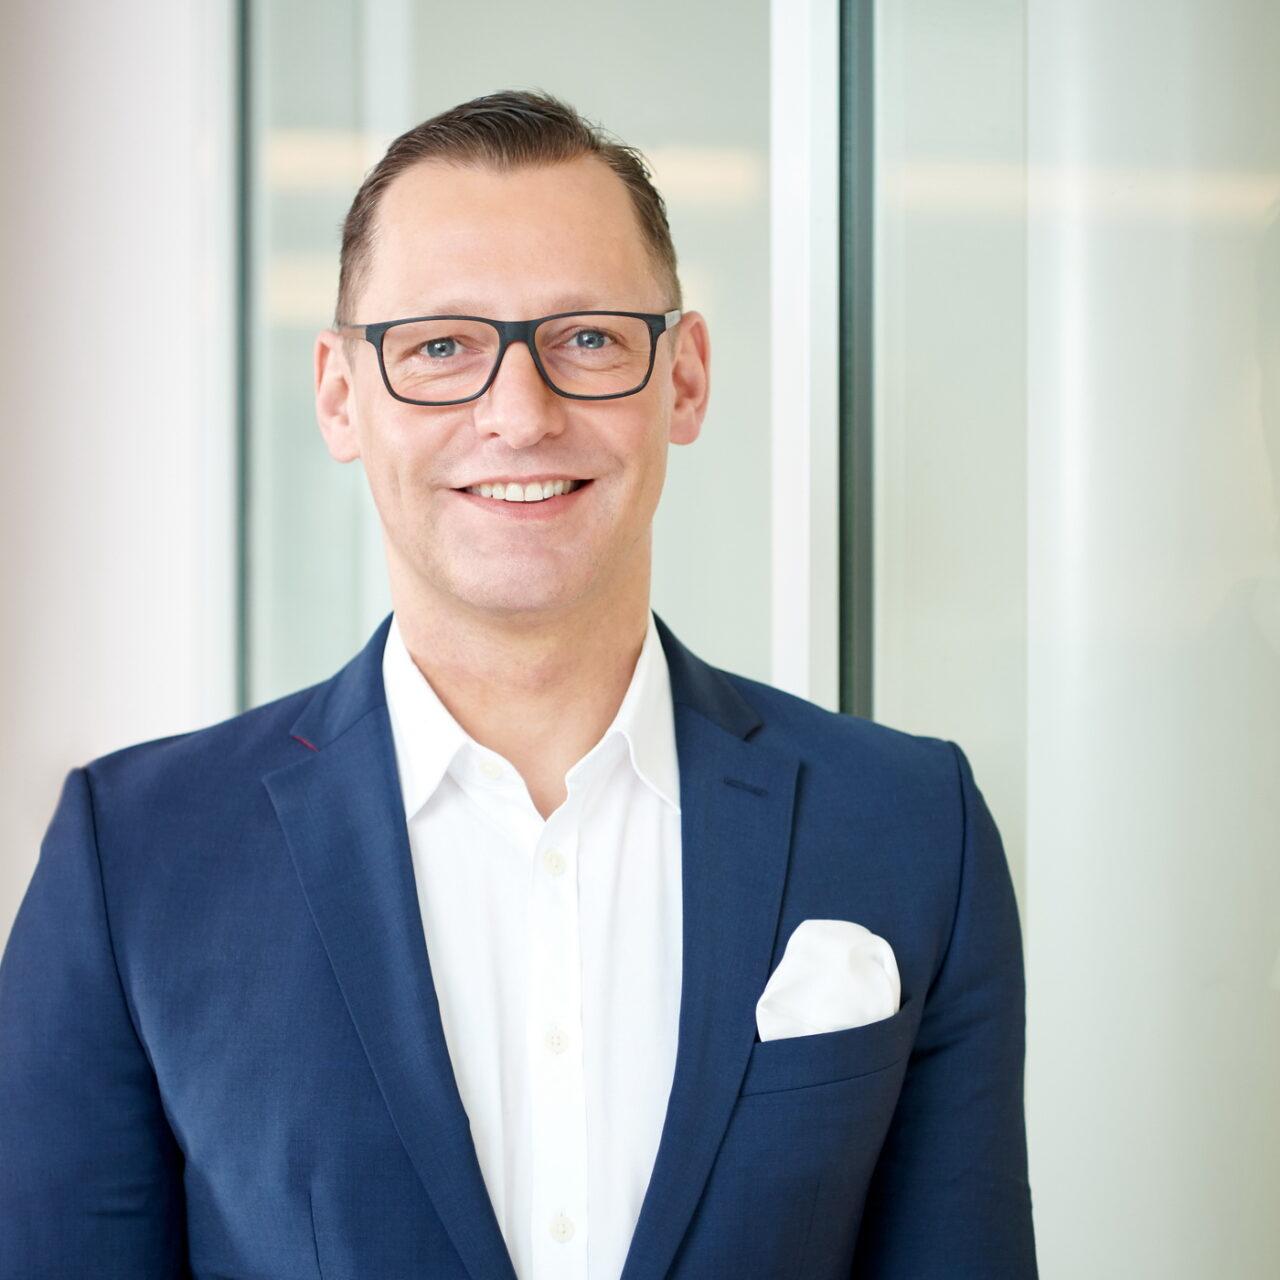 Die Niederlande erfüllen alle Voraussetzungen für ein solides Investment